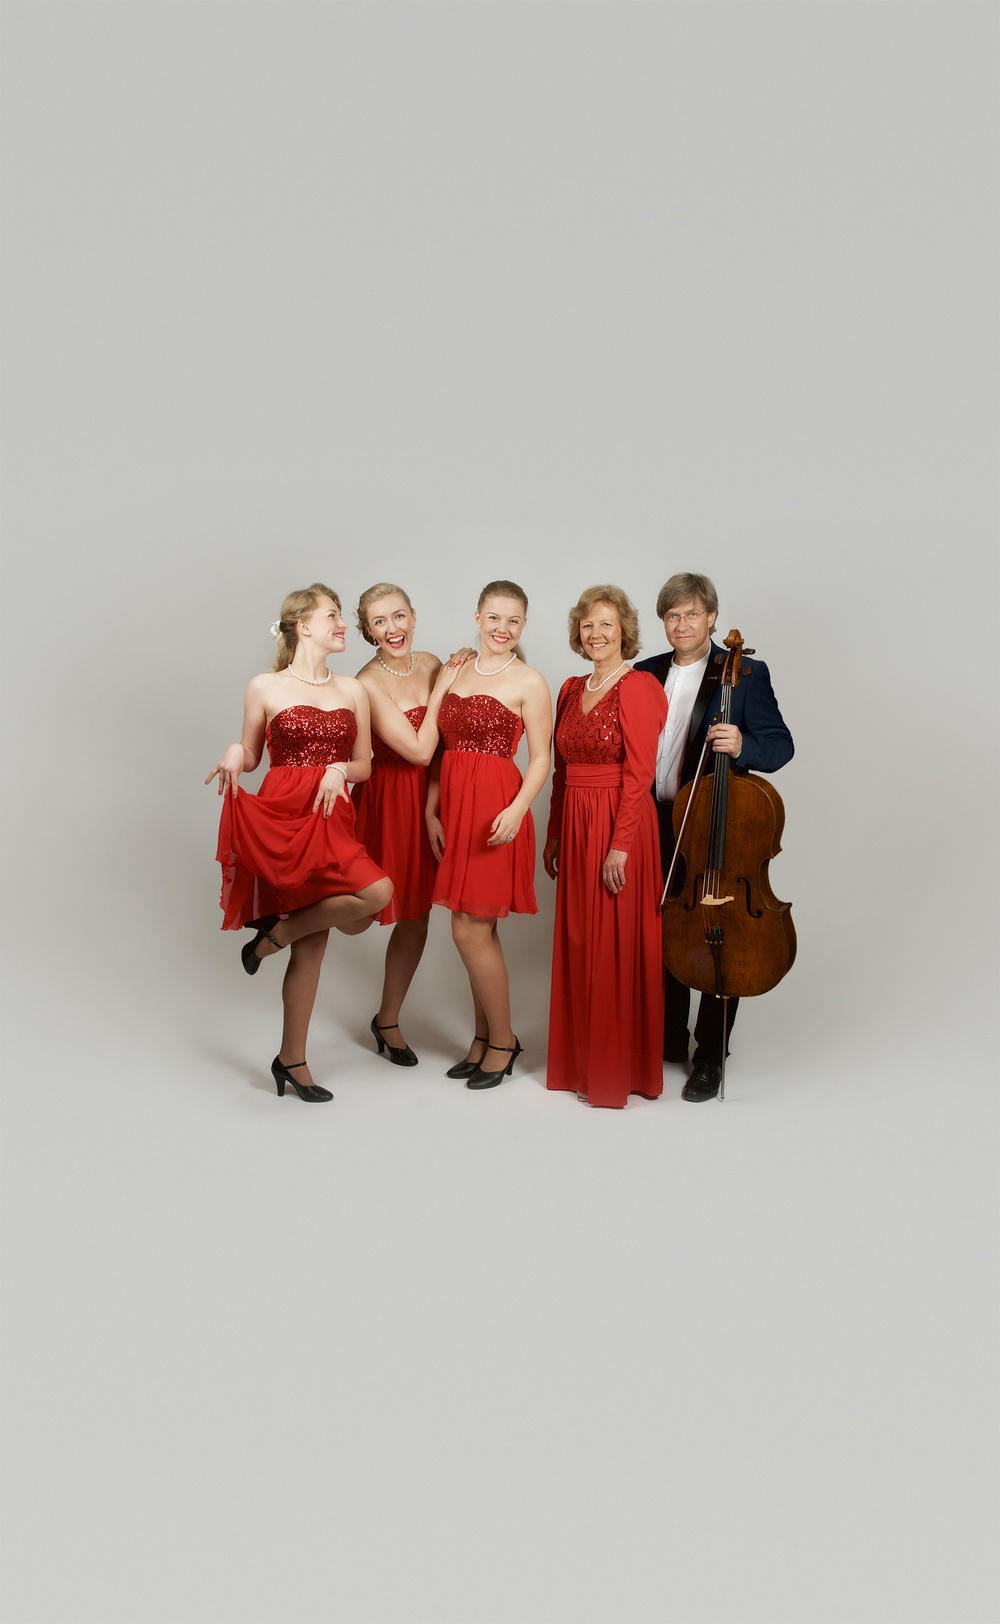 Wermland Operas Julturné 2015. The Hebbe Sisters och Duo Sentire. Fri publicering i samband med rubricerad föreställning.  Fotograf: Kim Zimmerl / Wermland Oper